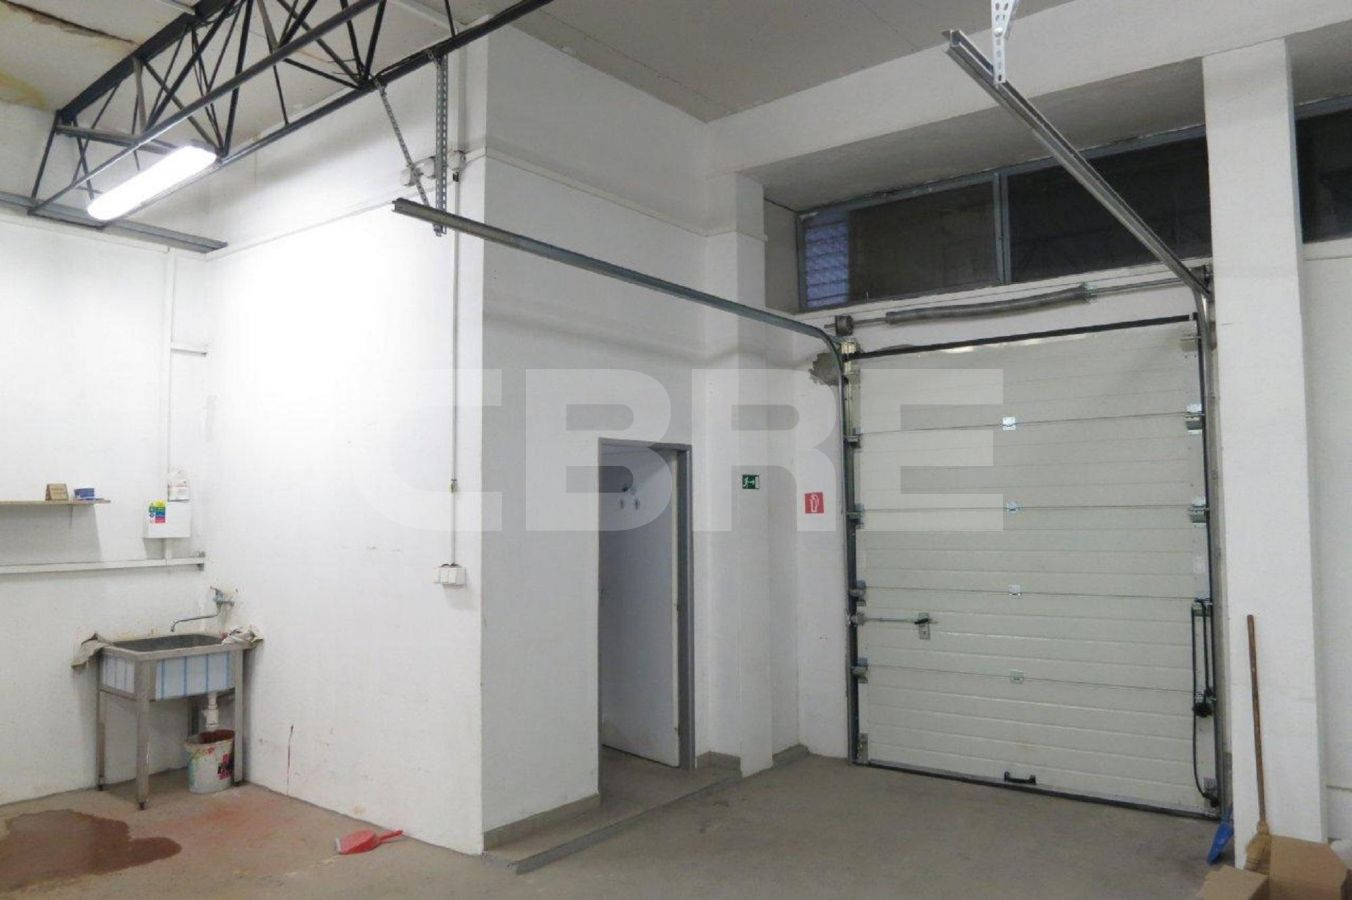 Uránová, Bratislava III. - 328 m2, Bratislavský kraj, Bratislava | Prenájom a predaj skladov a výrobných hál od CBRE | 4